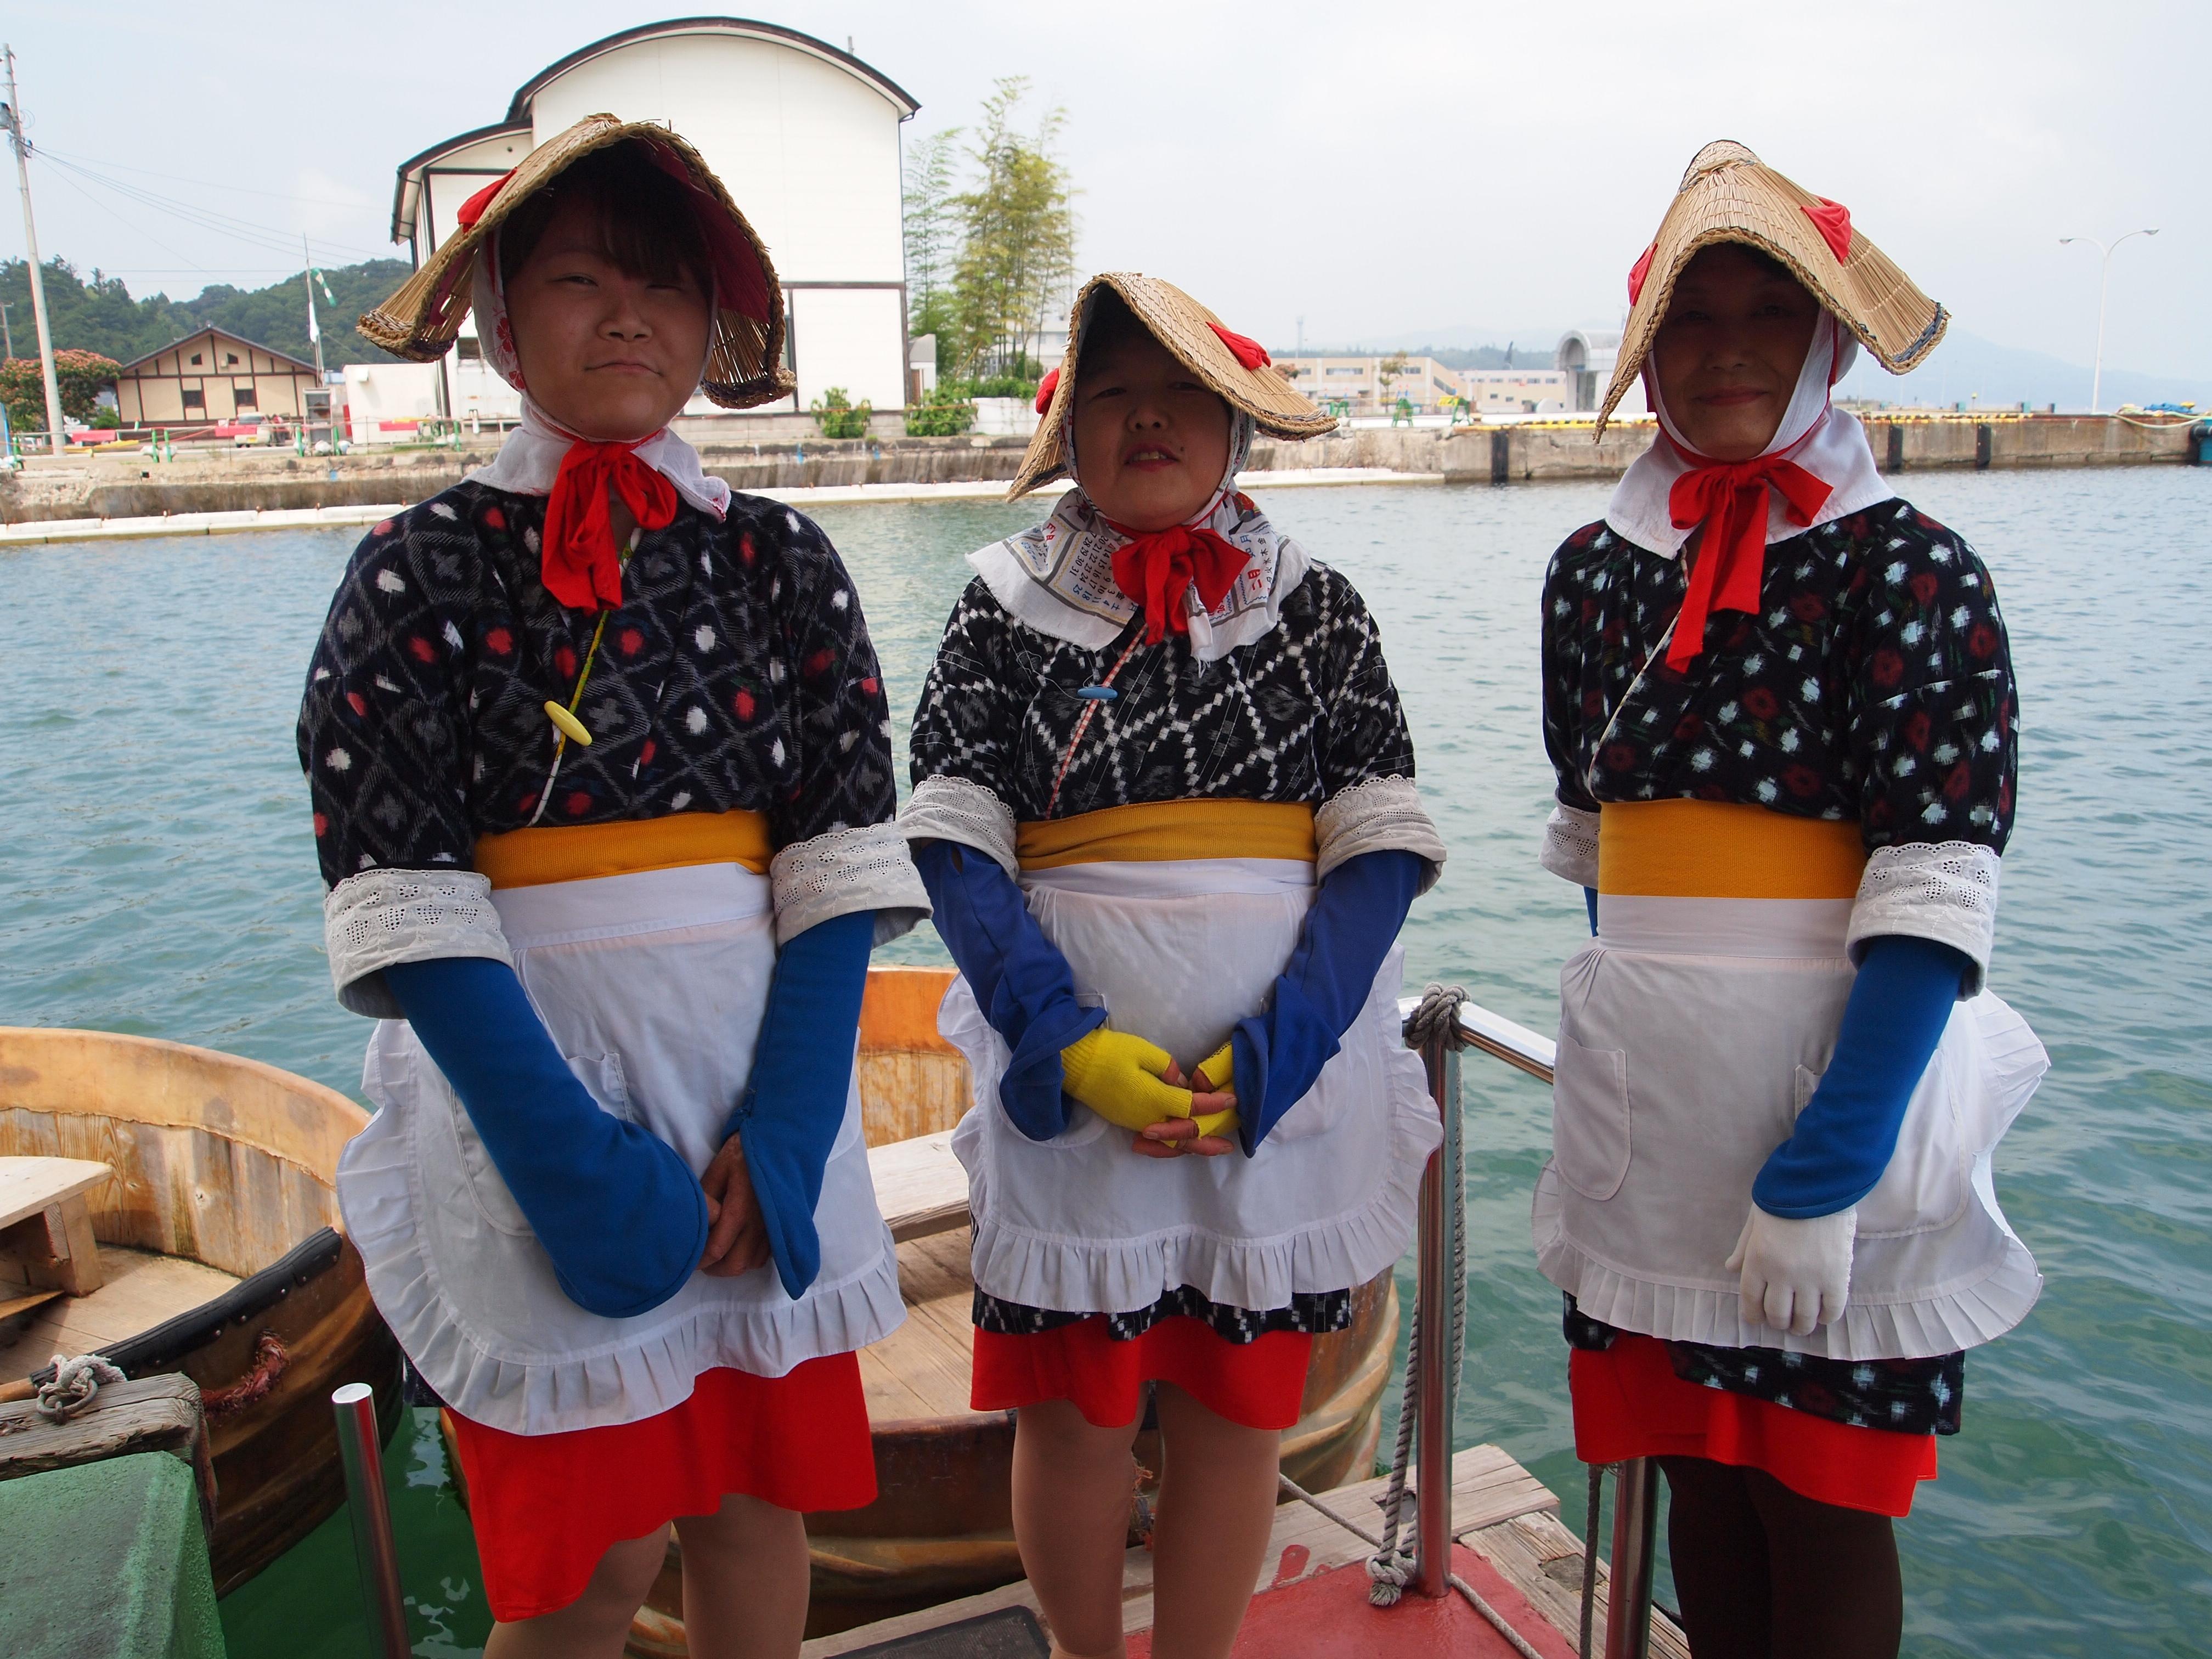 身穿传统民族服装,头戴鸭嘴帽的女船家性格亲切又开朗。